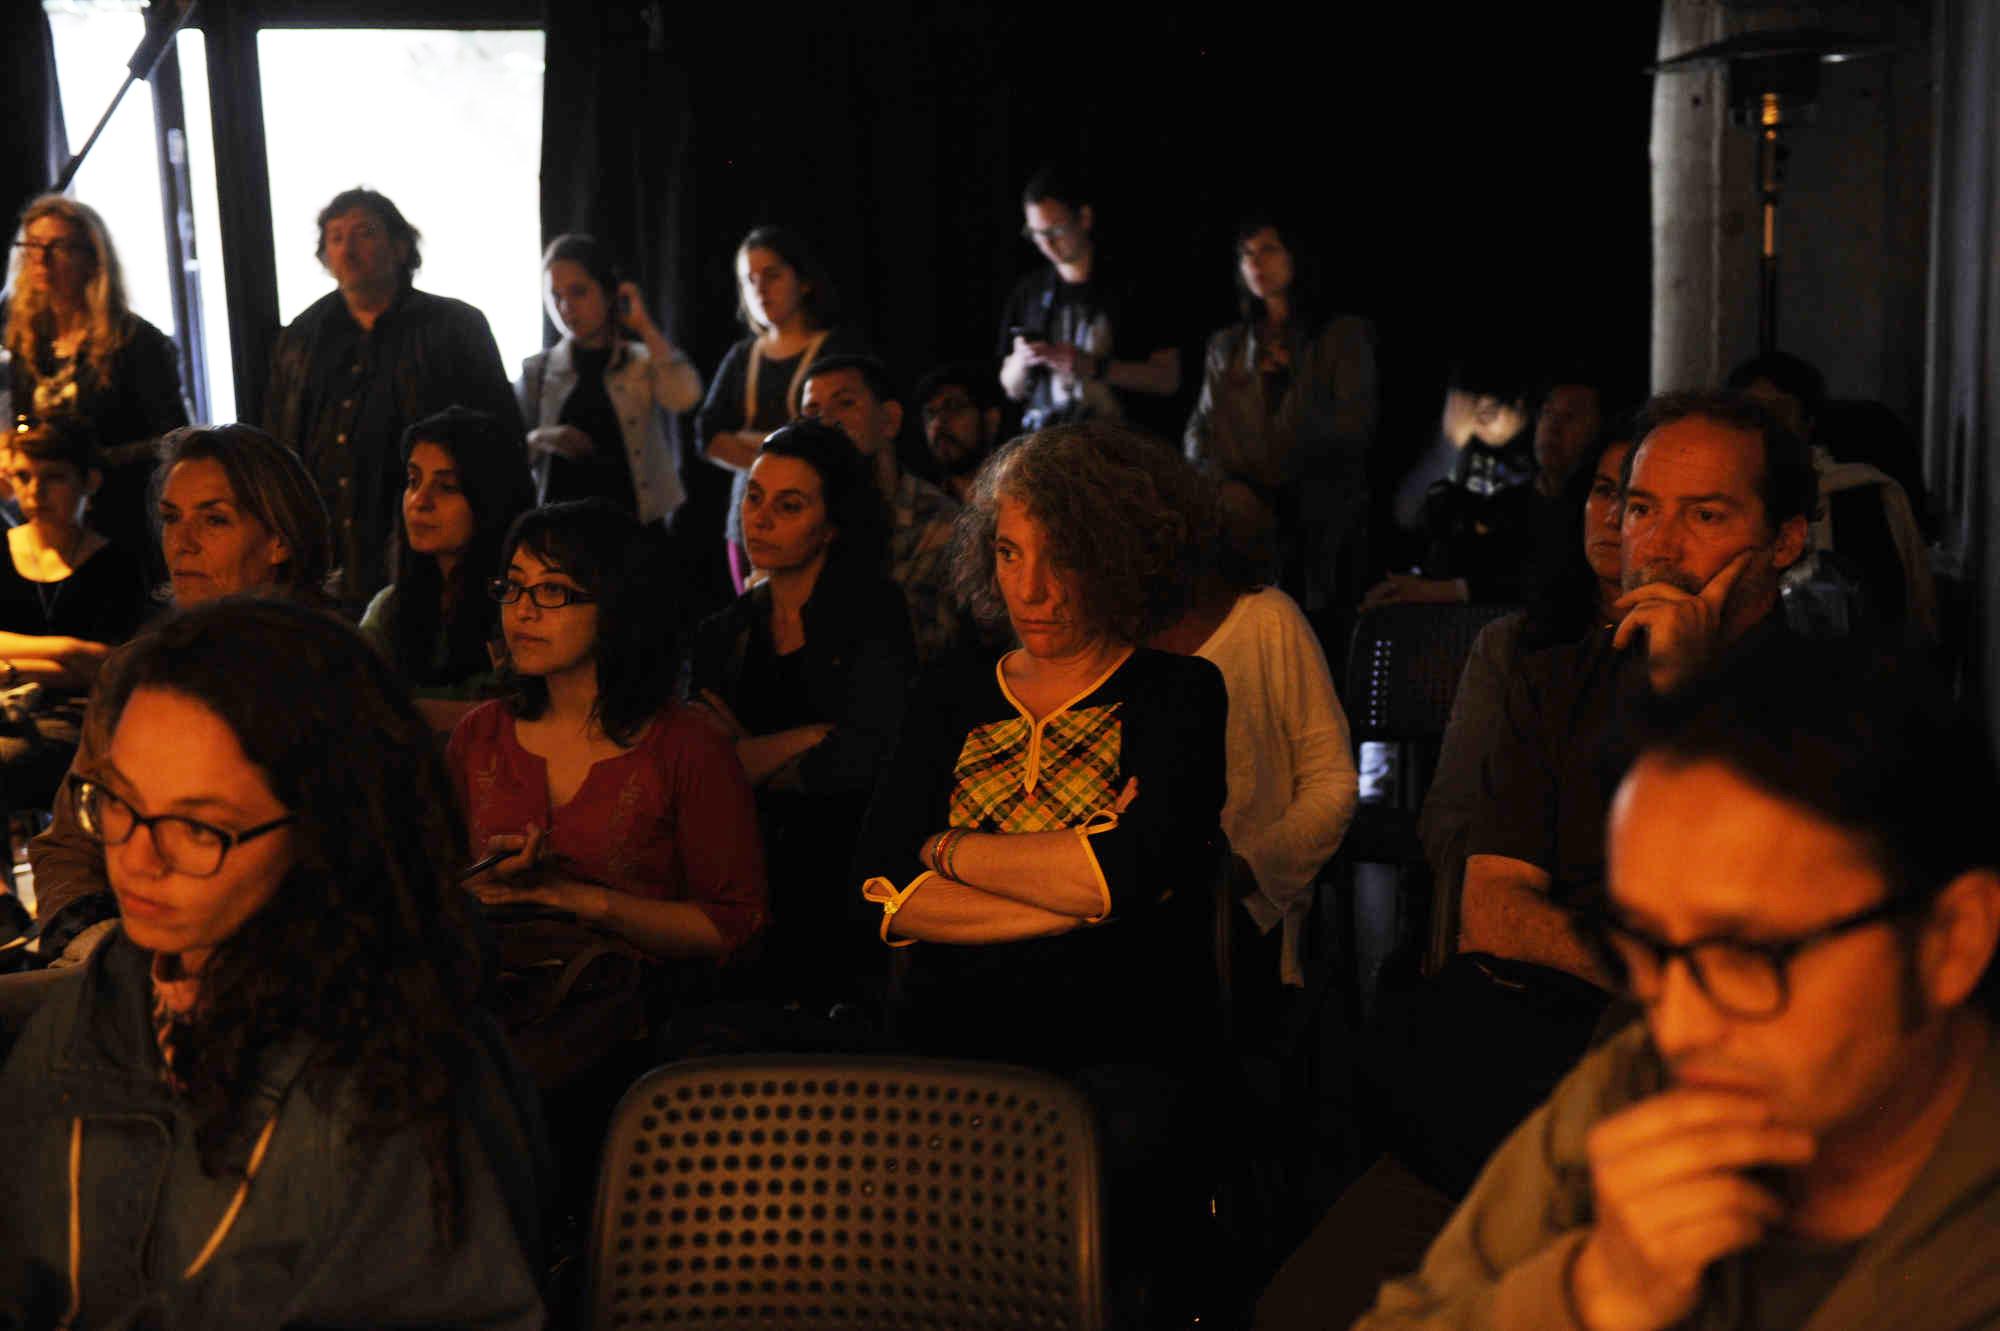 Invitados participan en Díalogos Fotográficos en el Restaurant El Internado en el marco de la 7ª edición del Festival Internacional de Fotografía en Valparaíso, FIFV 2016. ©Victor Ruiz Caballero